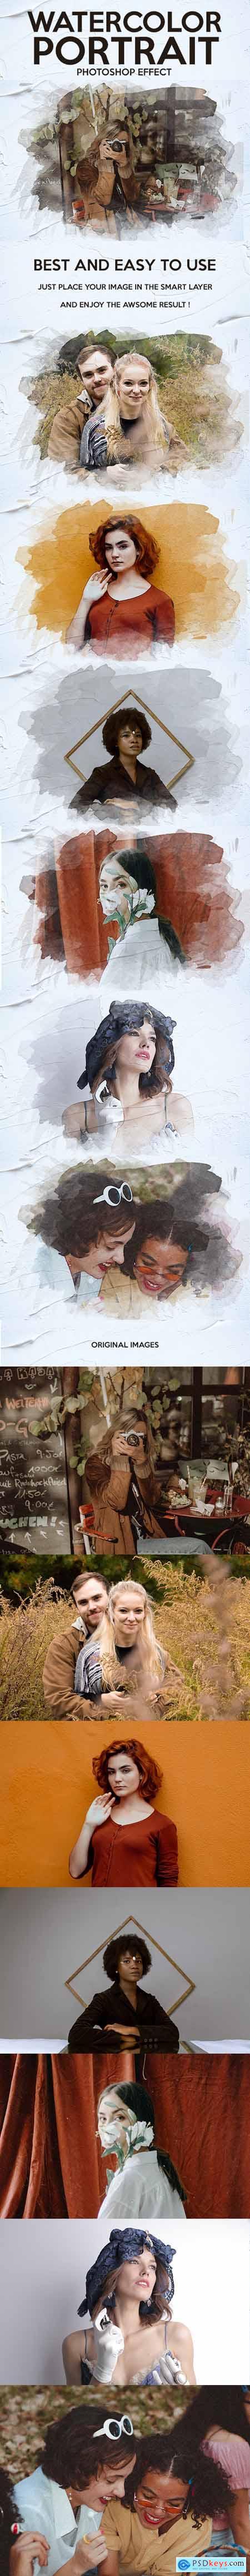 Watercolor Portrait Photoshop Effect 30045297